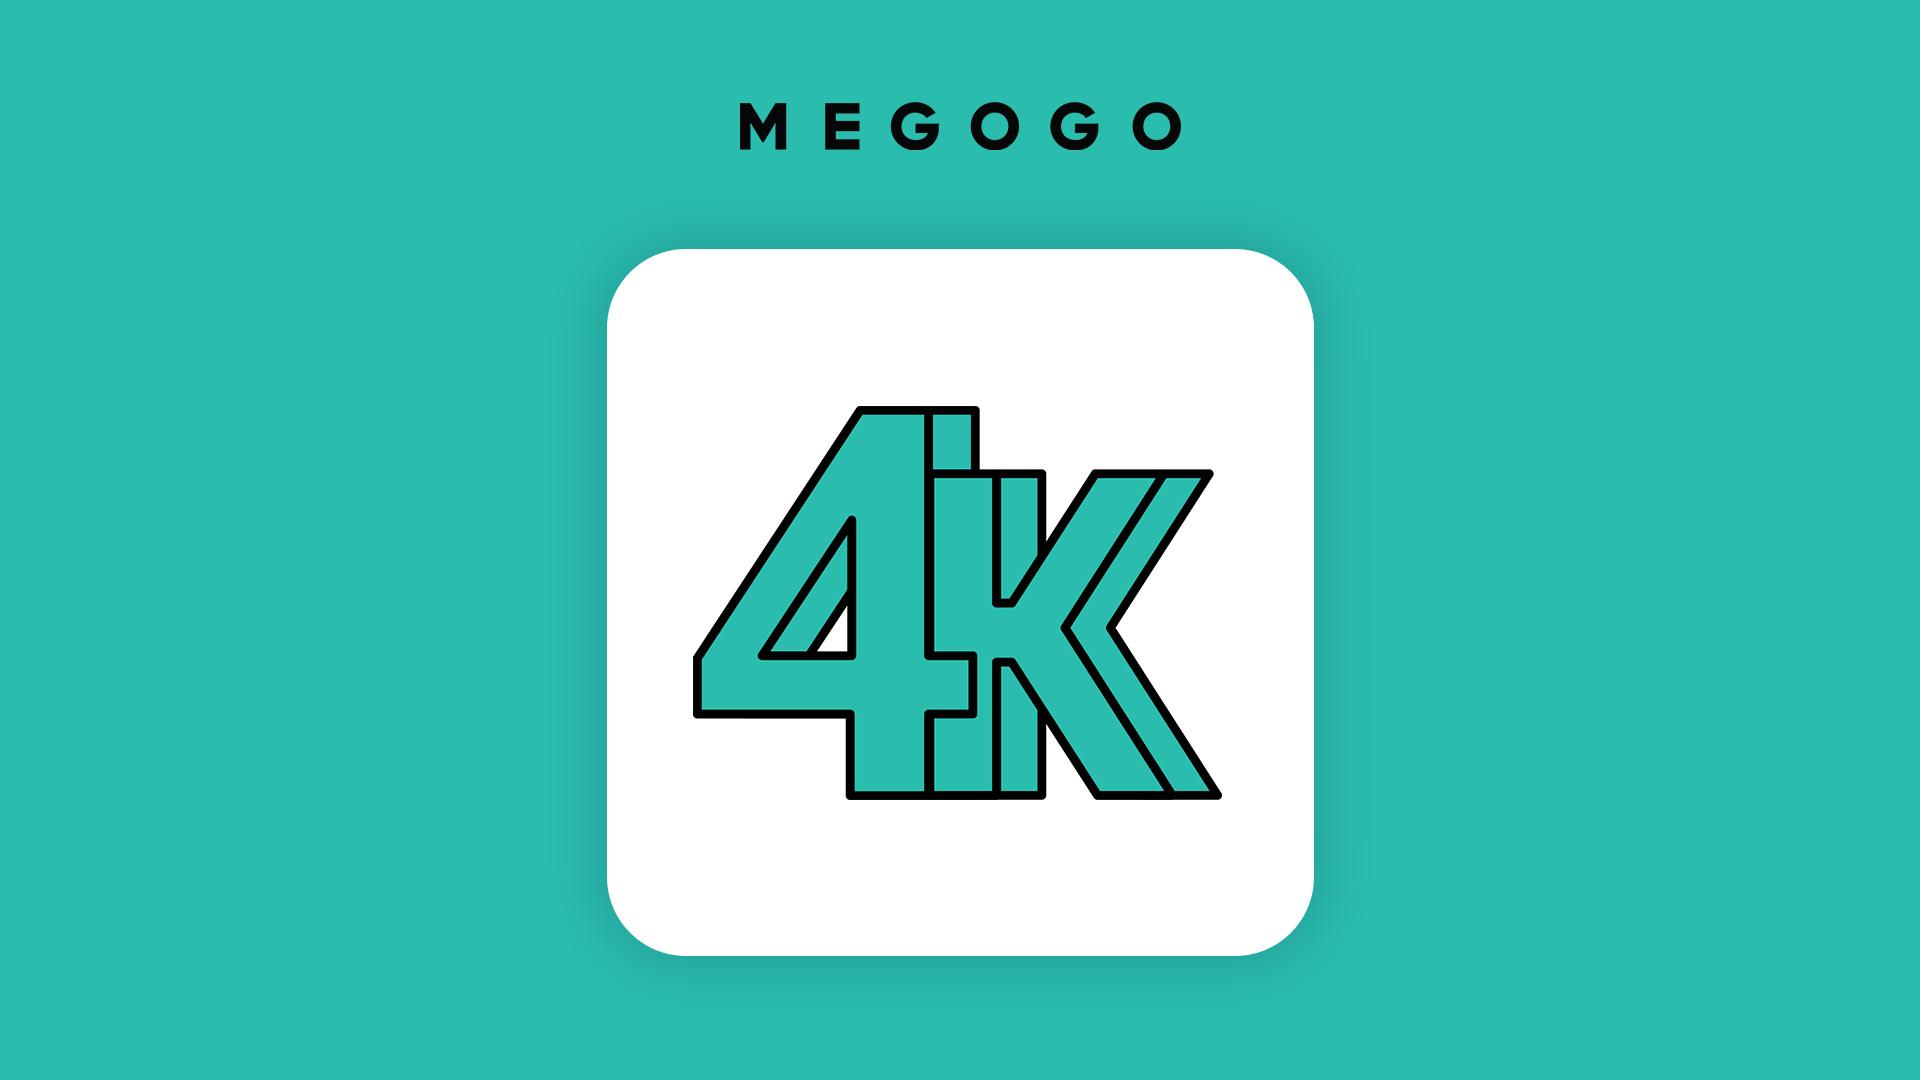 📺 MEGOGO zapuskaje šče odyn vlasnyj telekanal. Pokažuť fiľmy u 4K